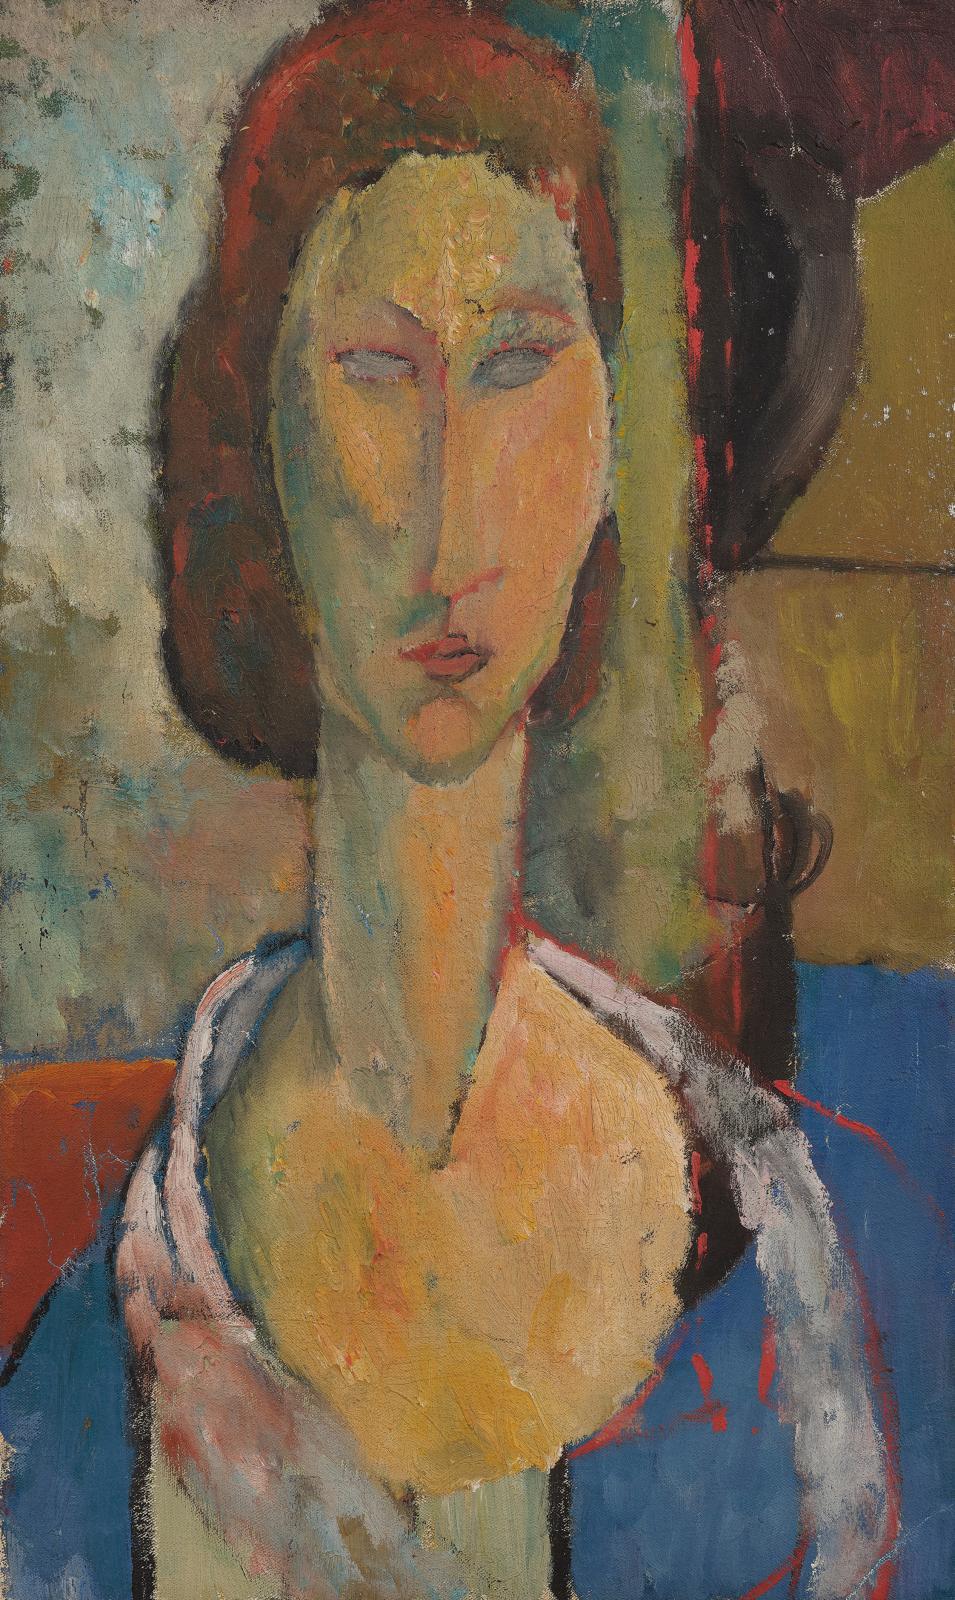 Jeanne Hébuterne (1898-1920), Selfportrait, oil on canvas, 55 x 33 cm.Estimate: €40,000/60,000